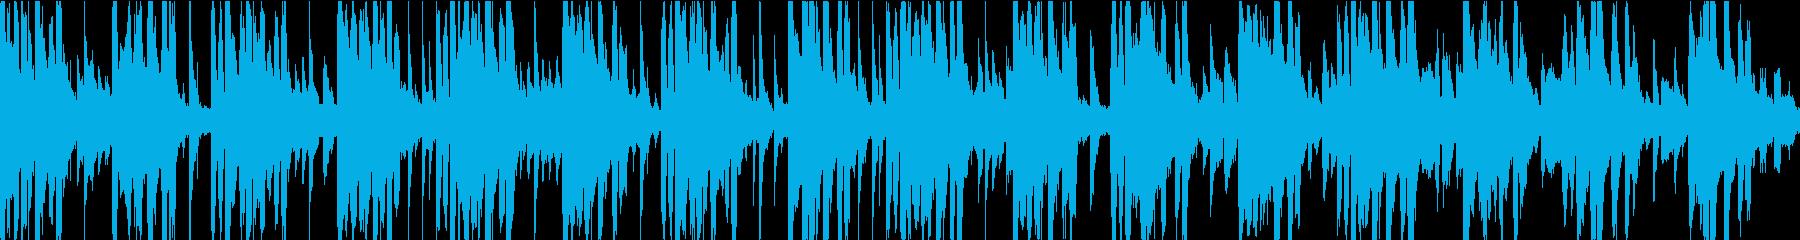 滑らかでメロディックなドラムンベー...の再生済みの波形